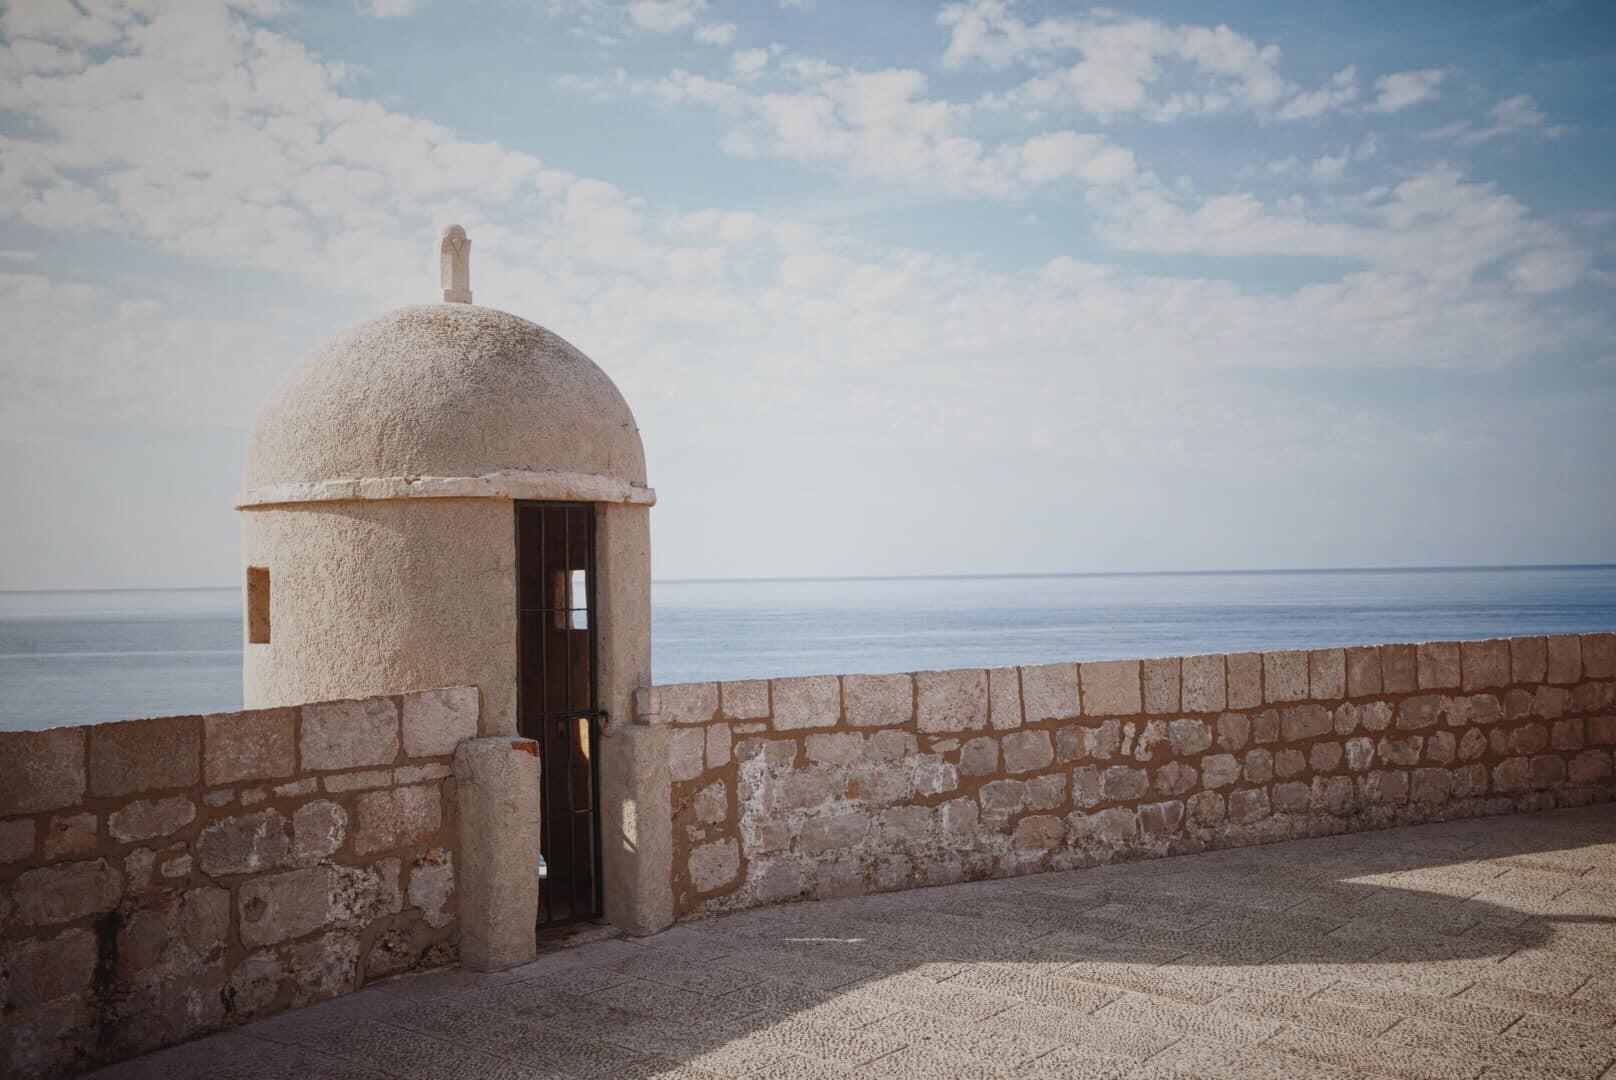 Lưu ngay loạt bí kíp du lịch đến Dubrovnik - bối cảnh chính trong bộ phim bom tấn Game of Thrones - Ảnh 7.